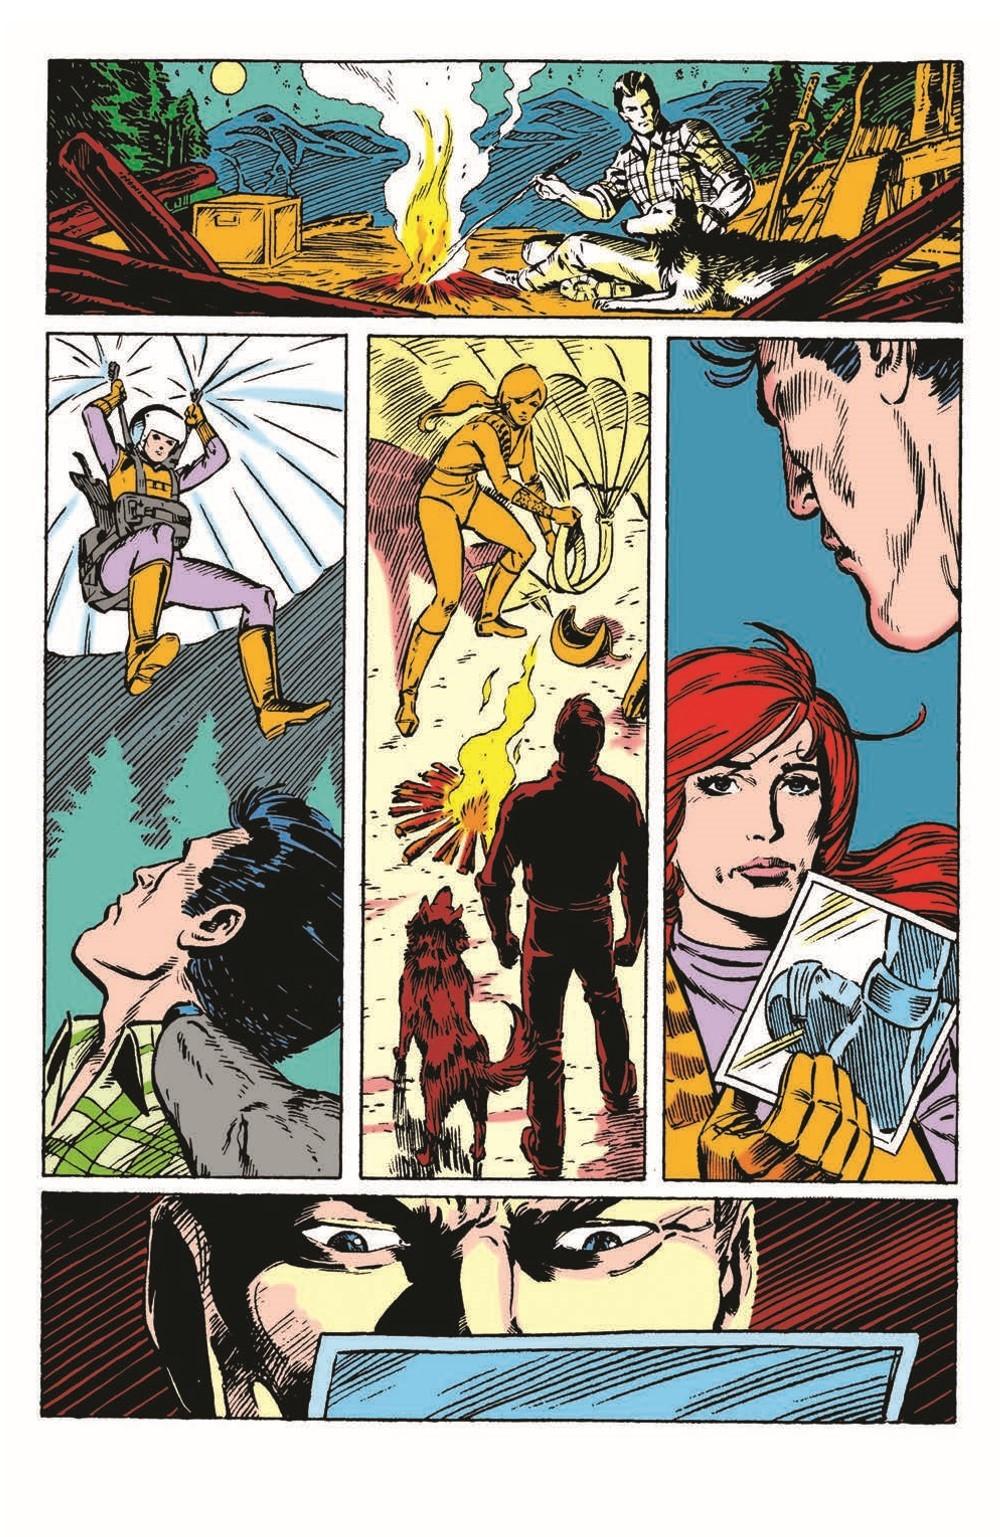 GIJoeRAH_Yearbook03-pr-6 ComicList Previews: G.I. JOE A REAL AMERICAN HERO YEARBOOK #3